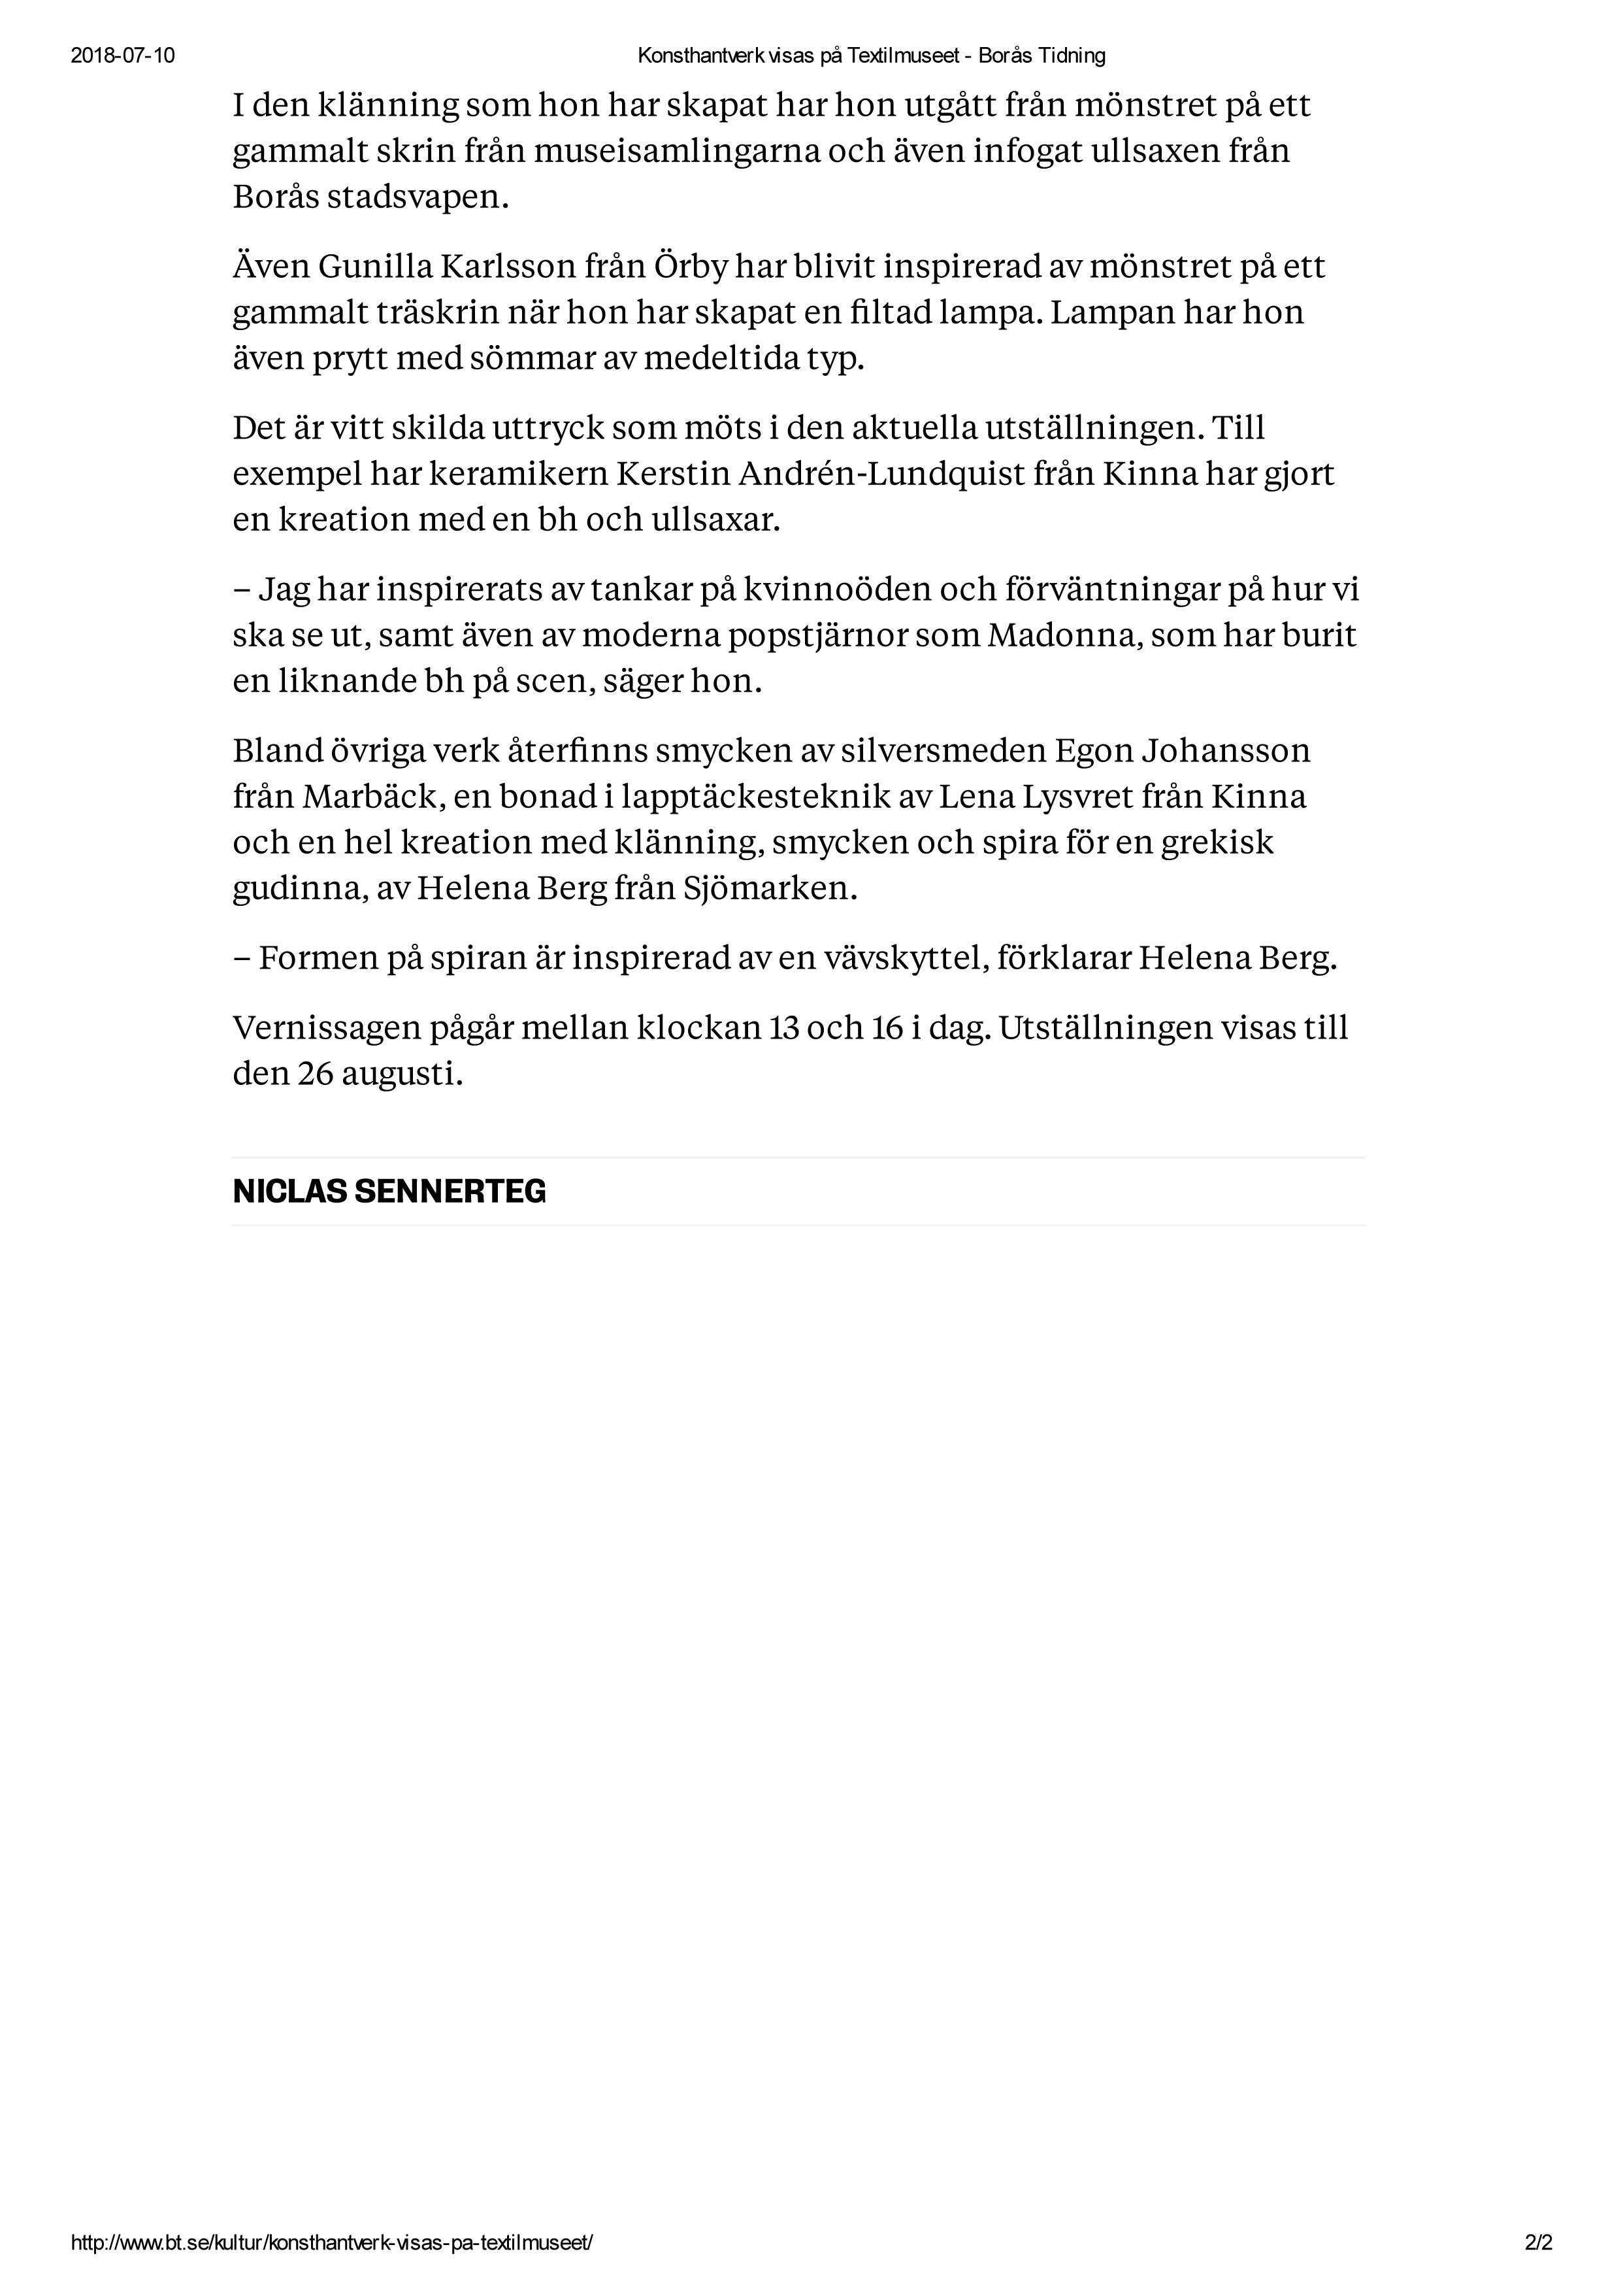 Konsthantverk visas på Textilmuseet - Borås Tidning-2.jpg